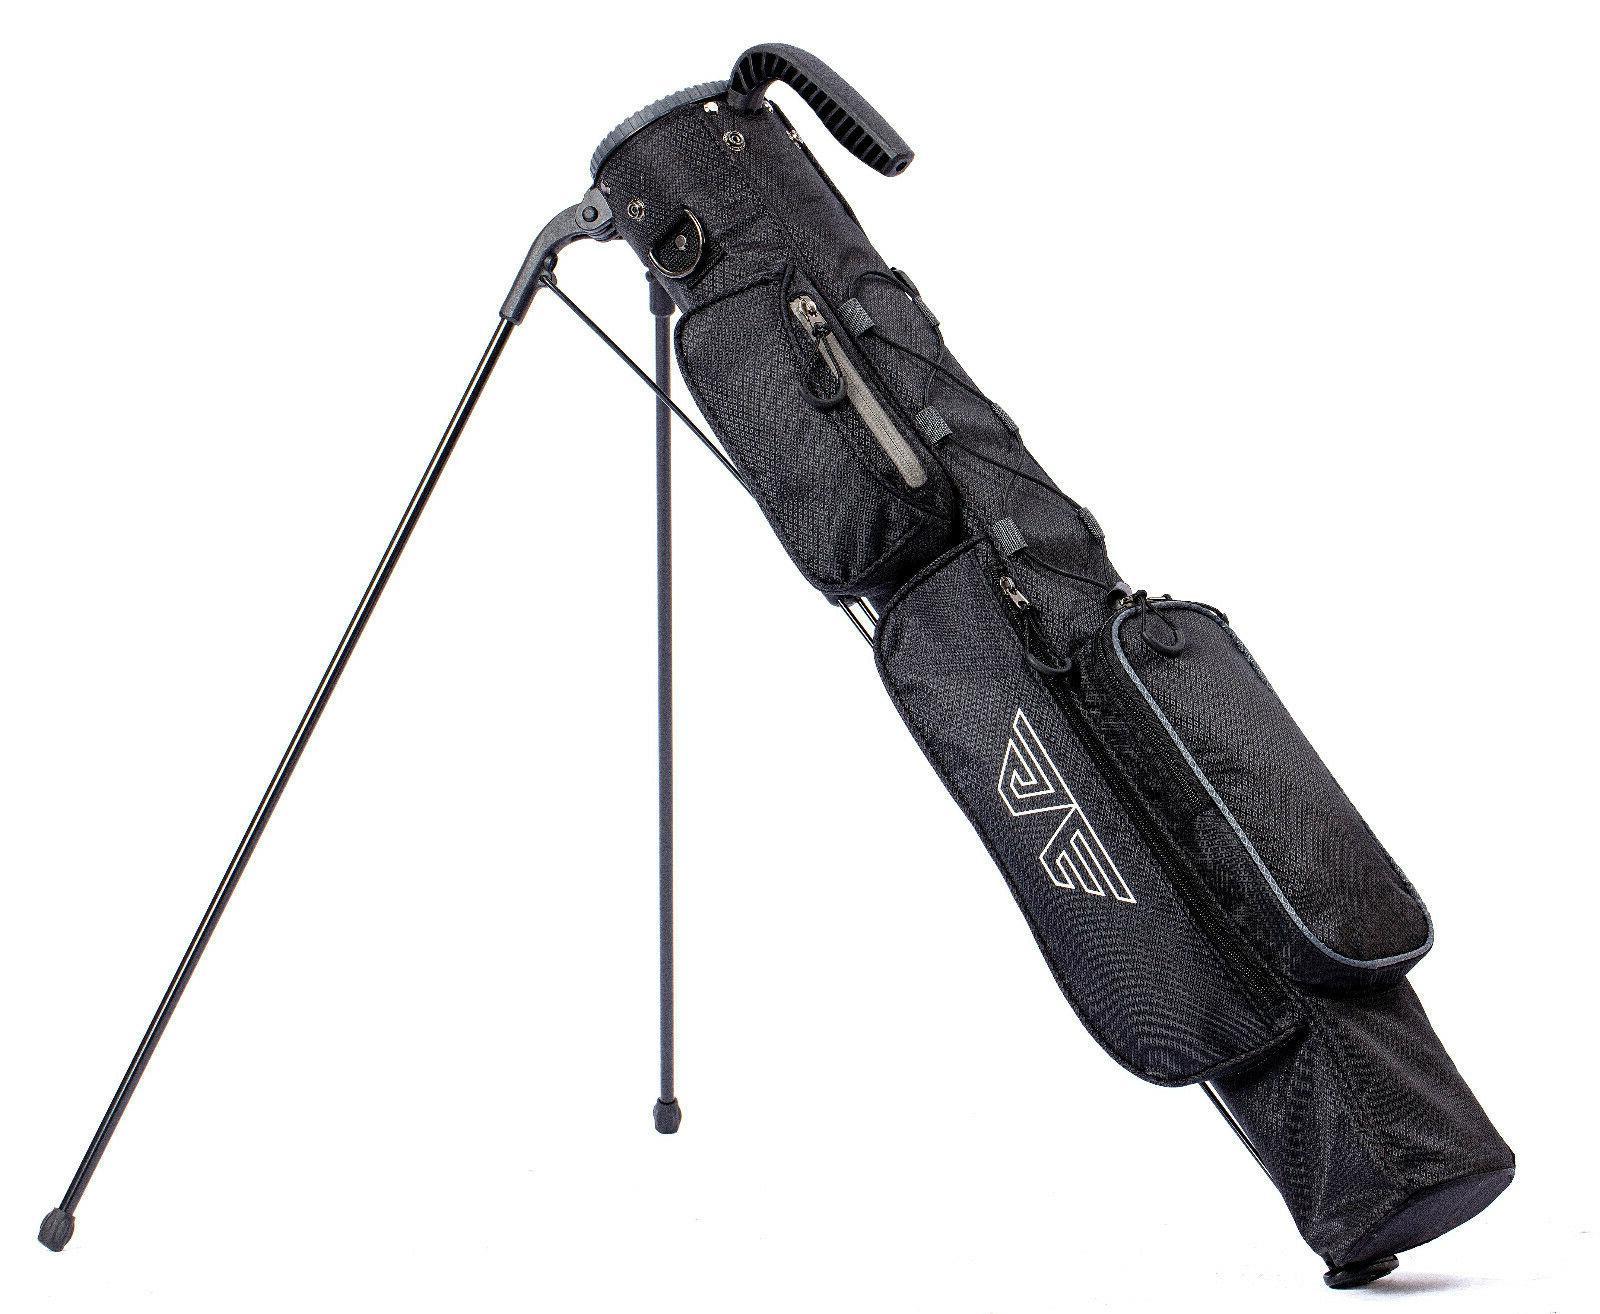 super light easy carry golf stand bag